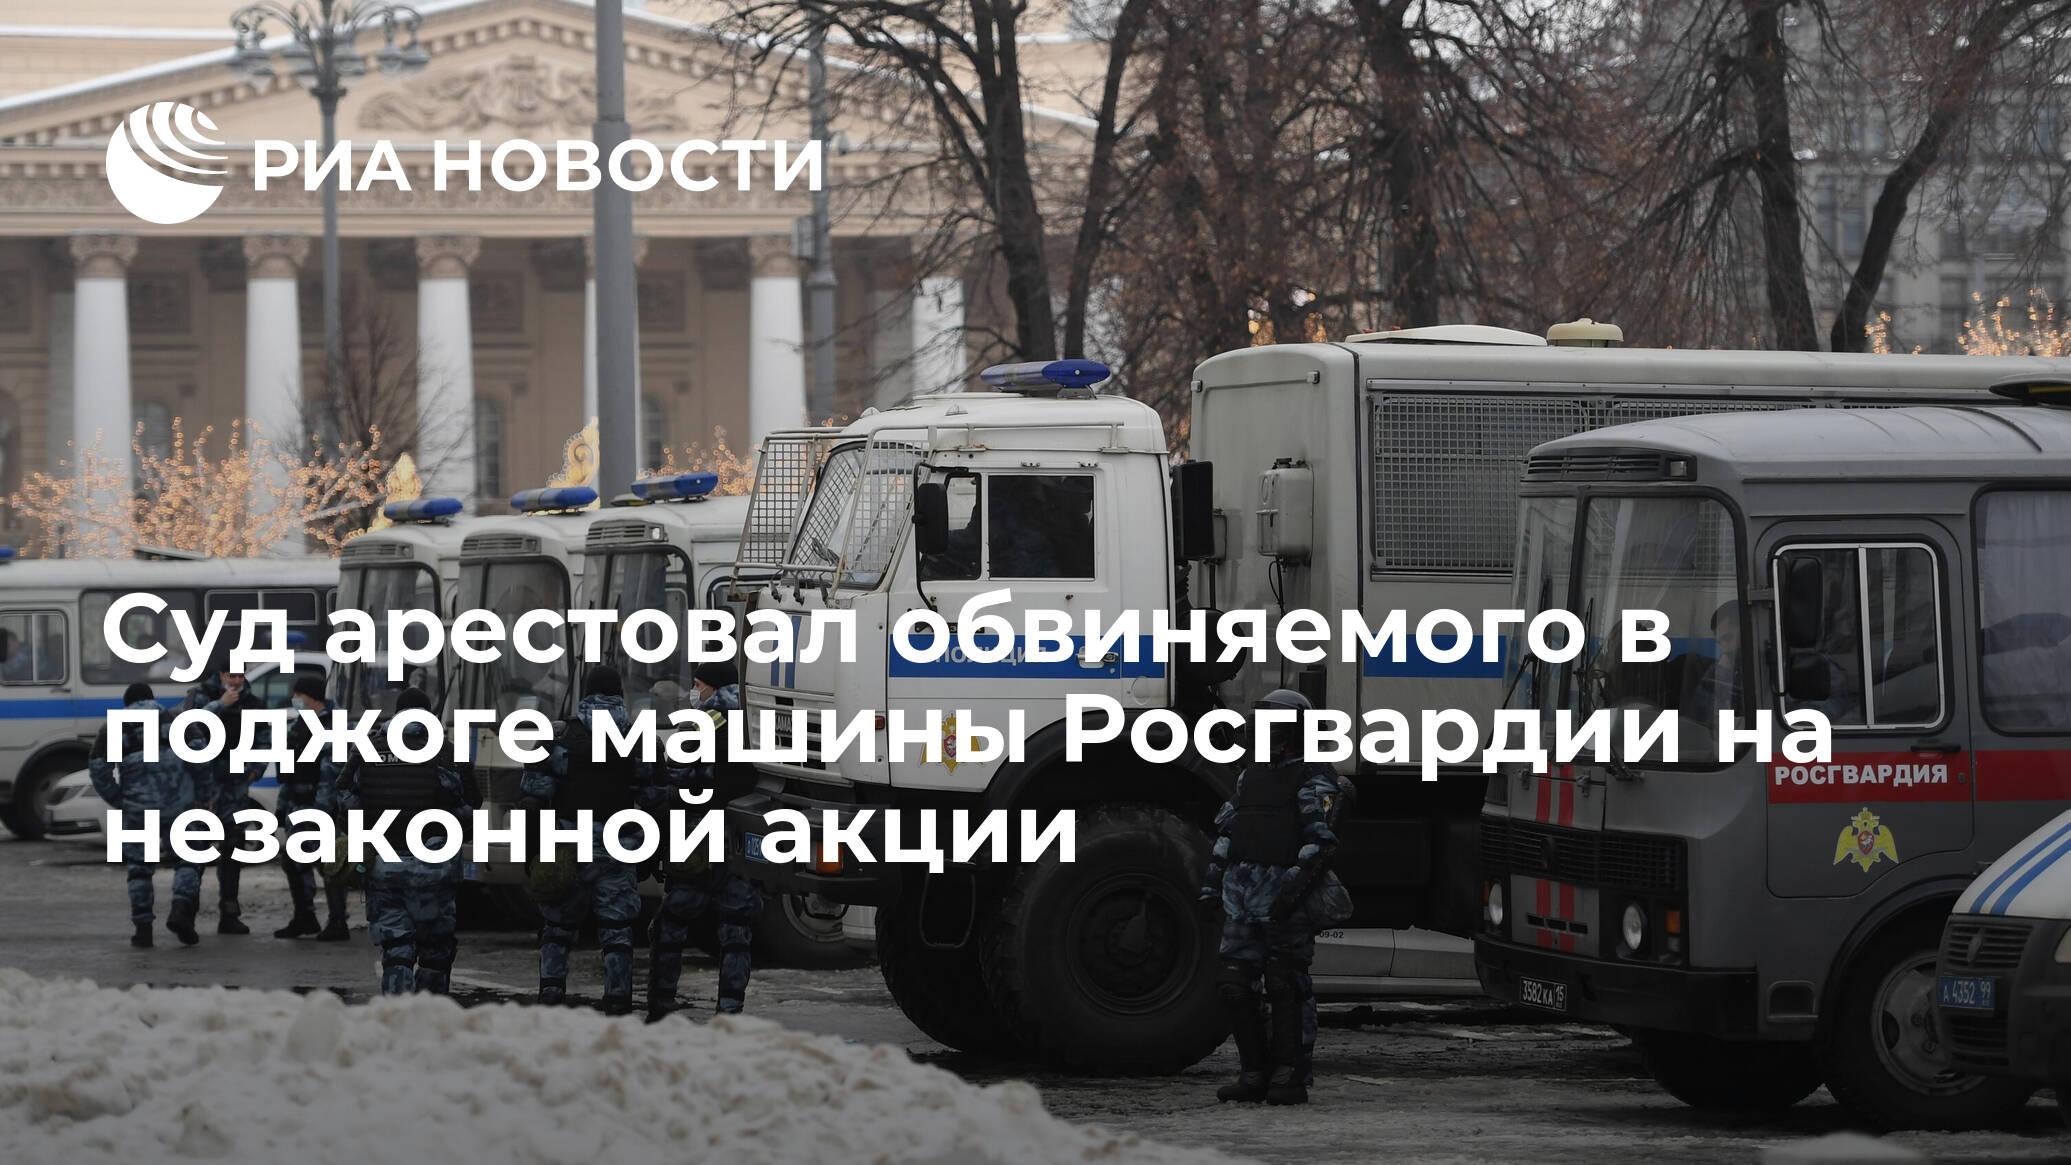 Суд арестовал обвиняемого в поджоге машины Росгвардии на незаконной акции - РИА НОВОСТИ